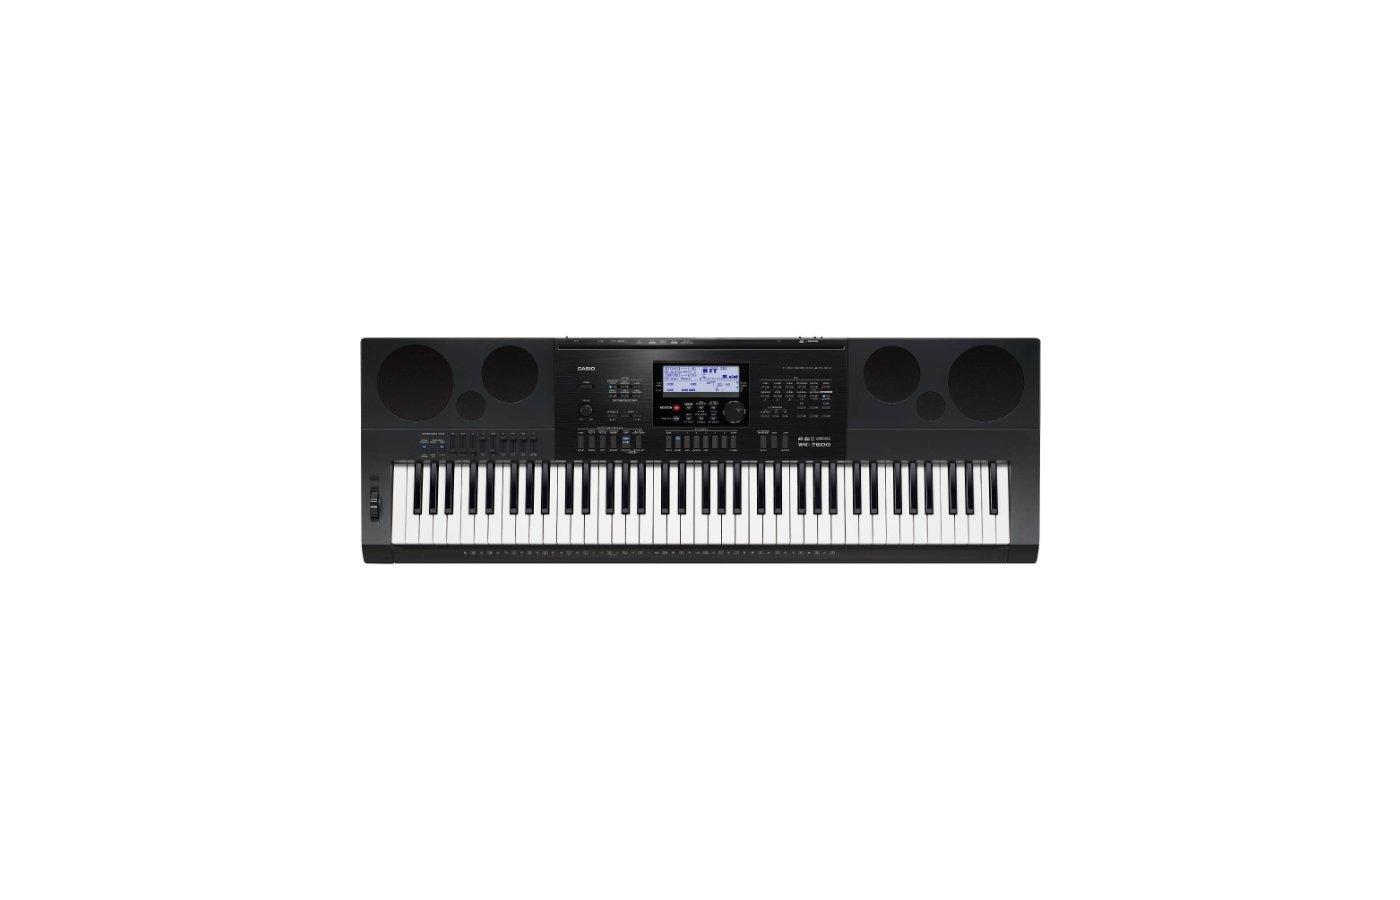 Музыкальный инструмент CASIO WK-7600